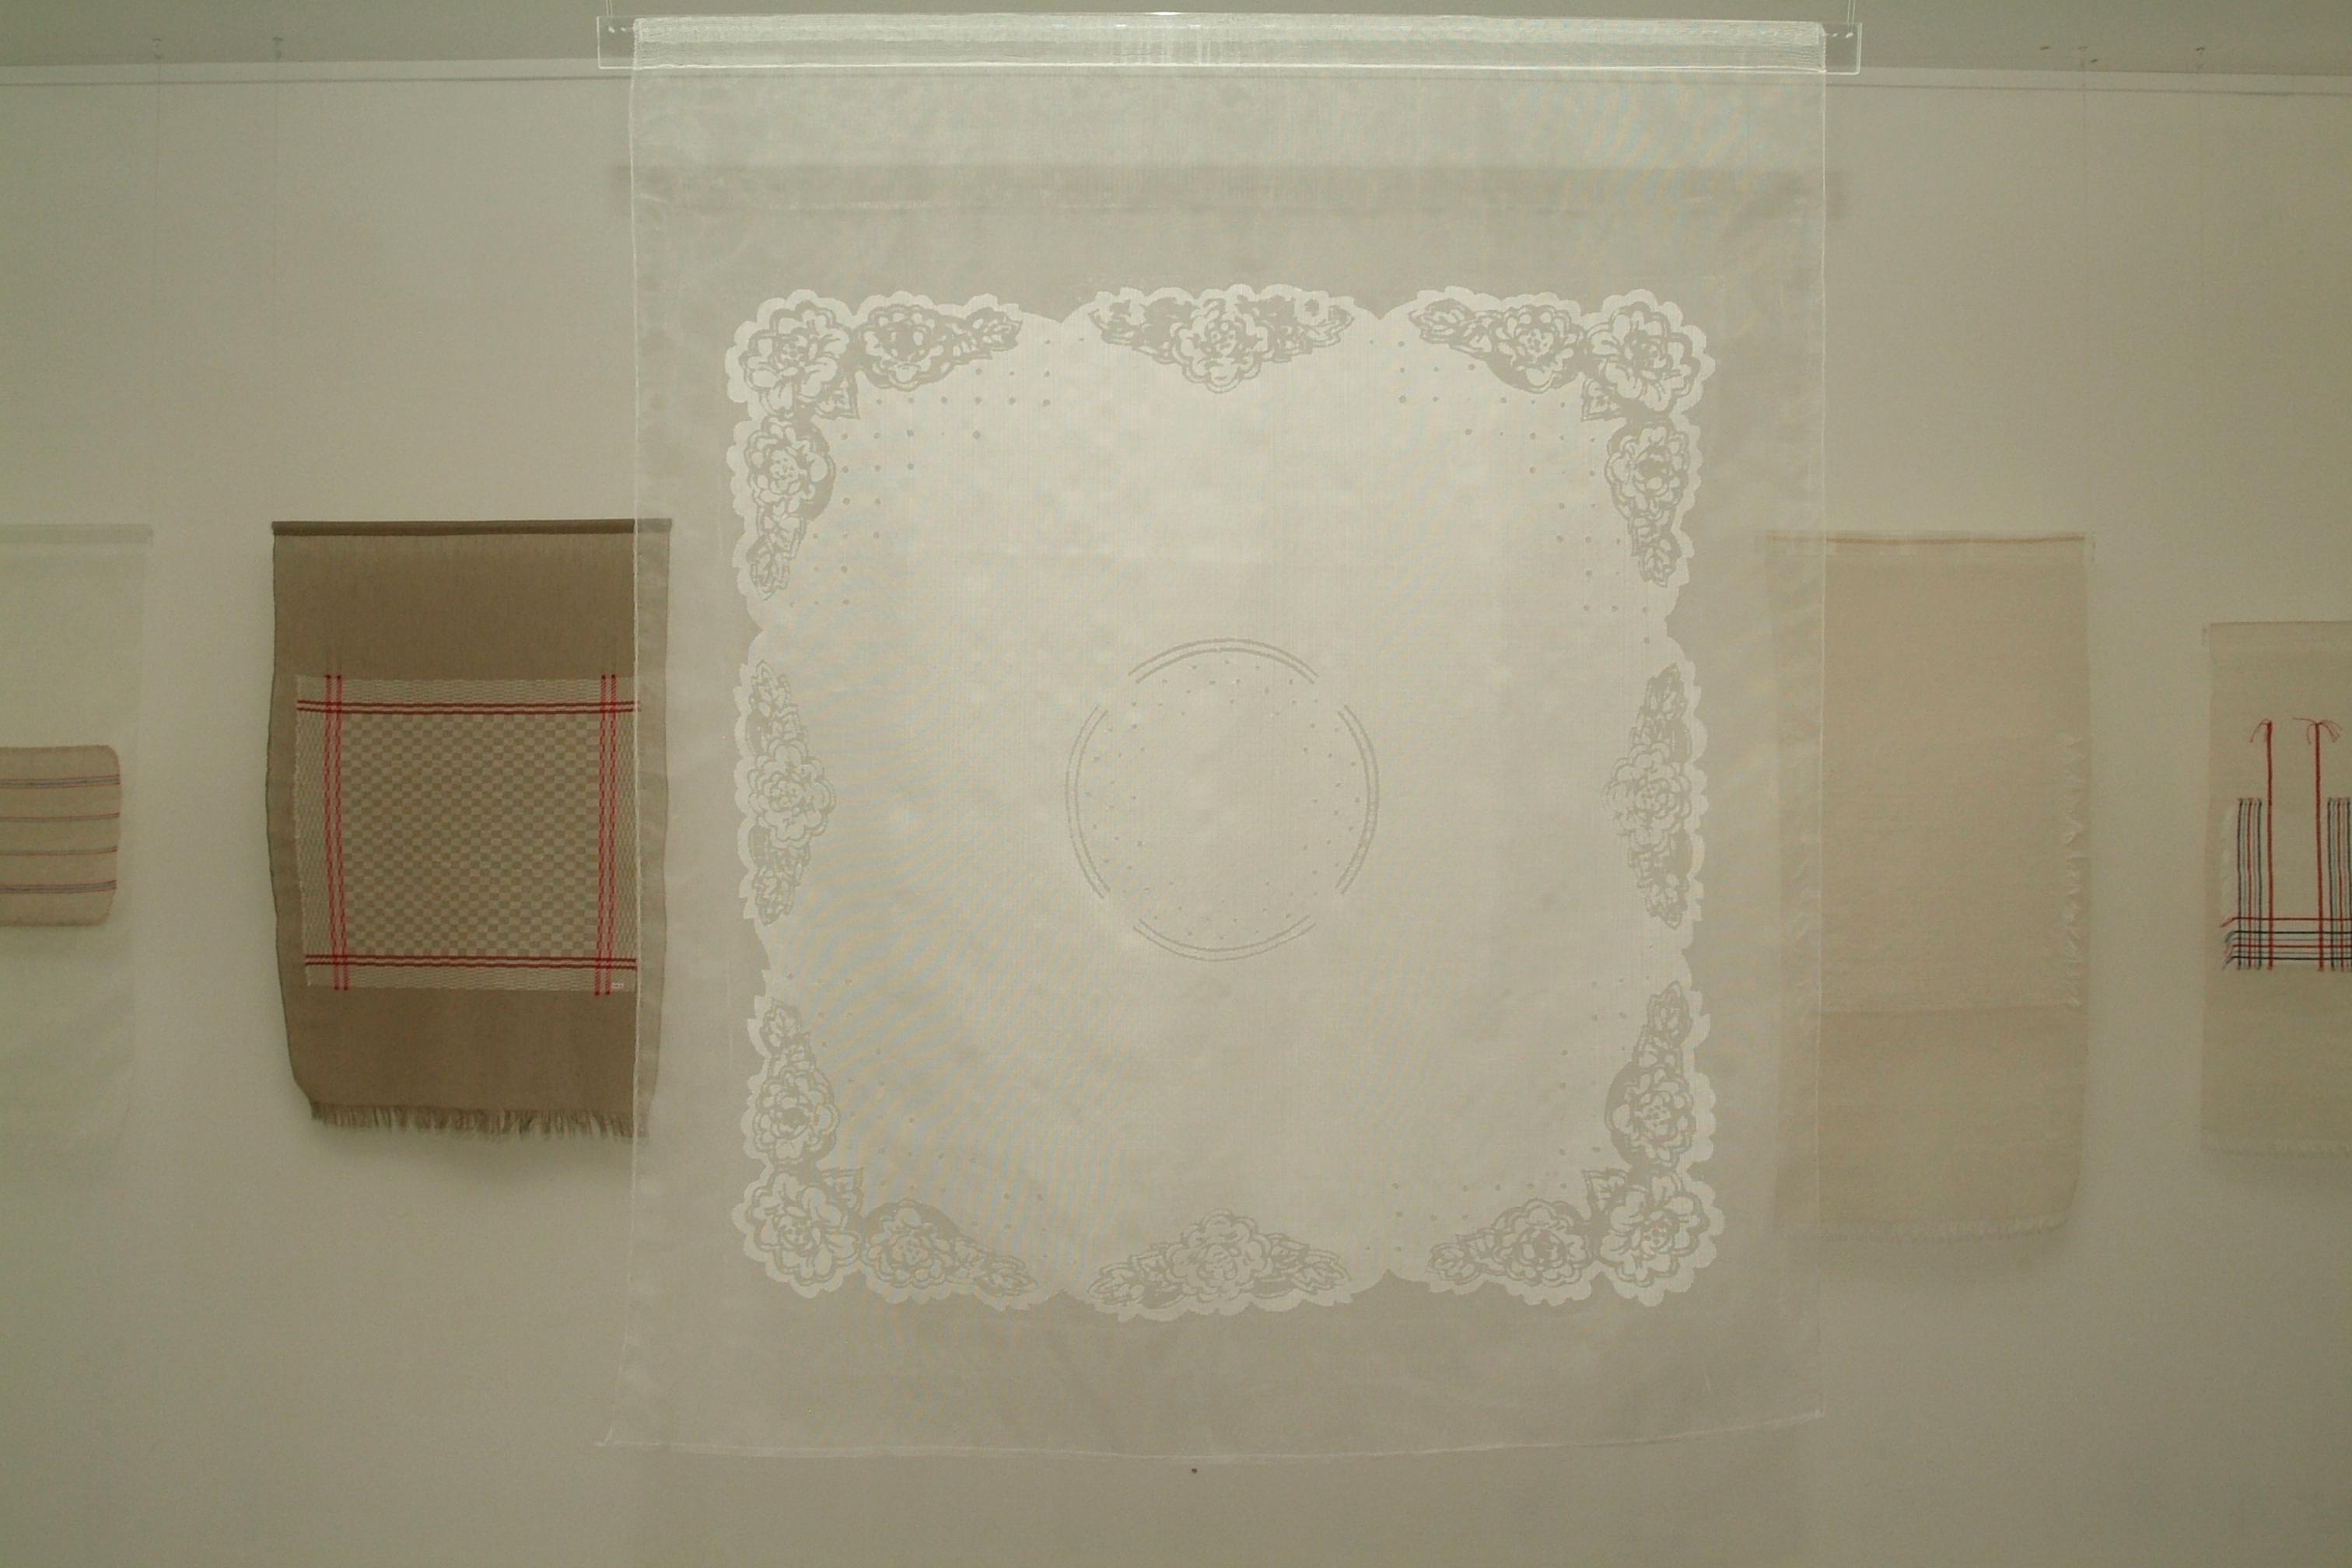 Digital Fabric Design